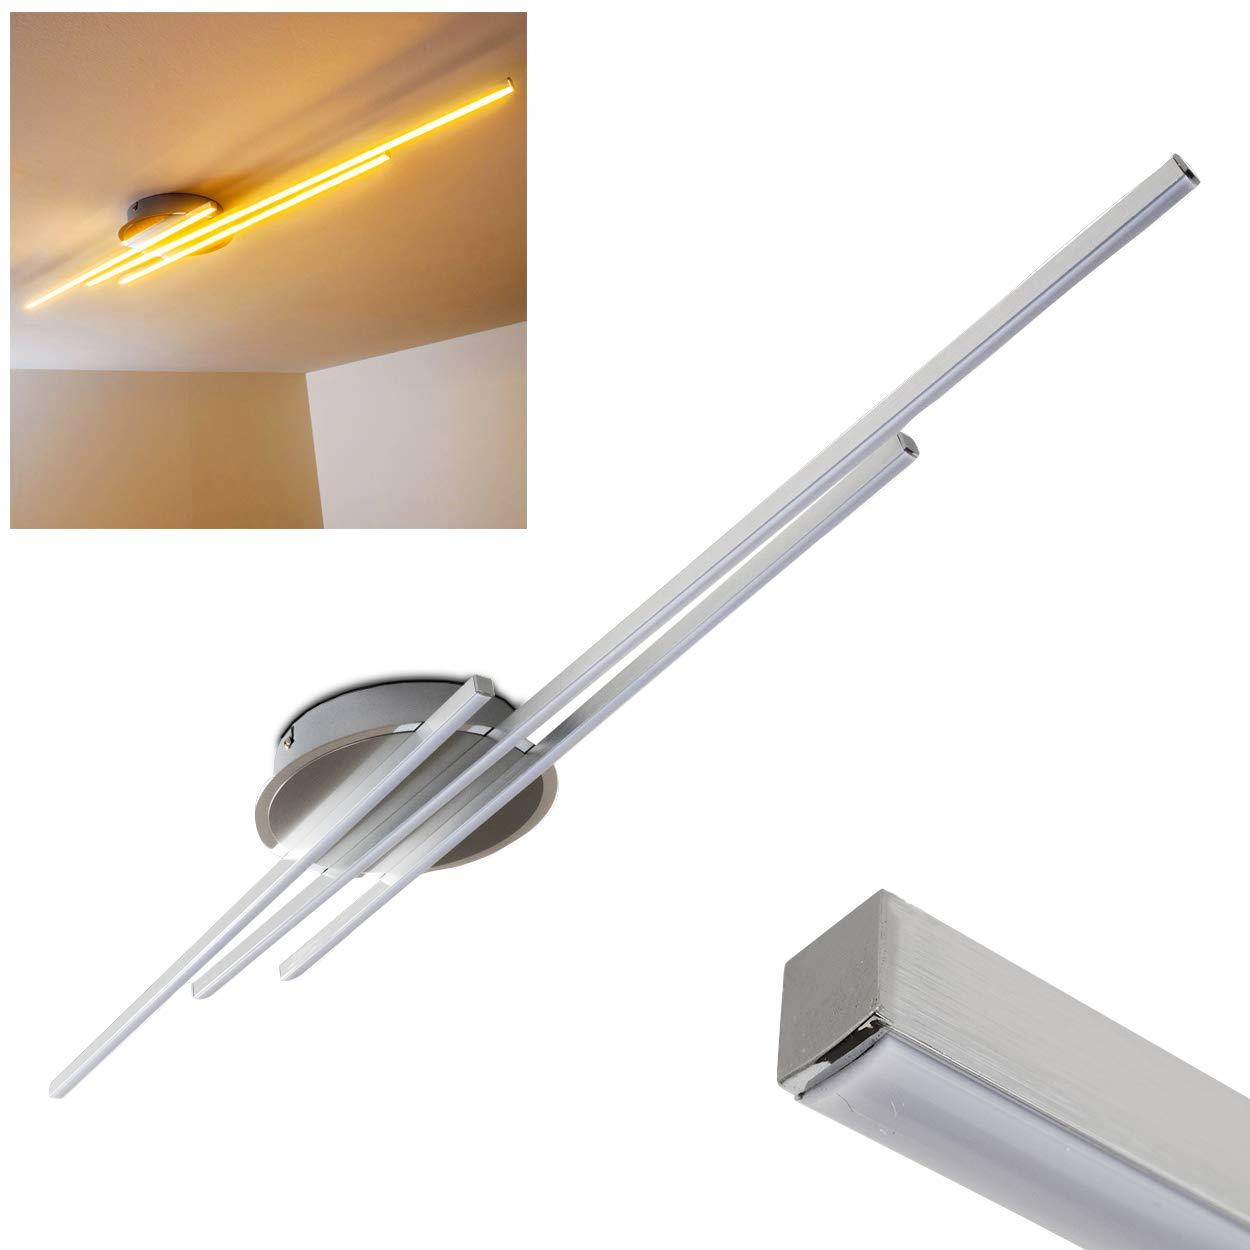 Deckenleuchte LED mit warmweißem Licht im minimalistischen Design - Metallleuchte mit drei weißen, satinierten Lichtleisten - moderne Designer-Lampe 3000 Kelvin - 3 x 620 Lumen